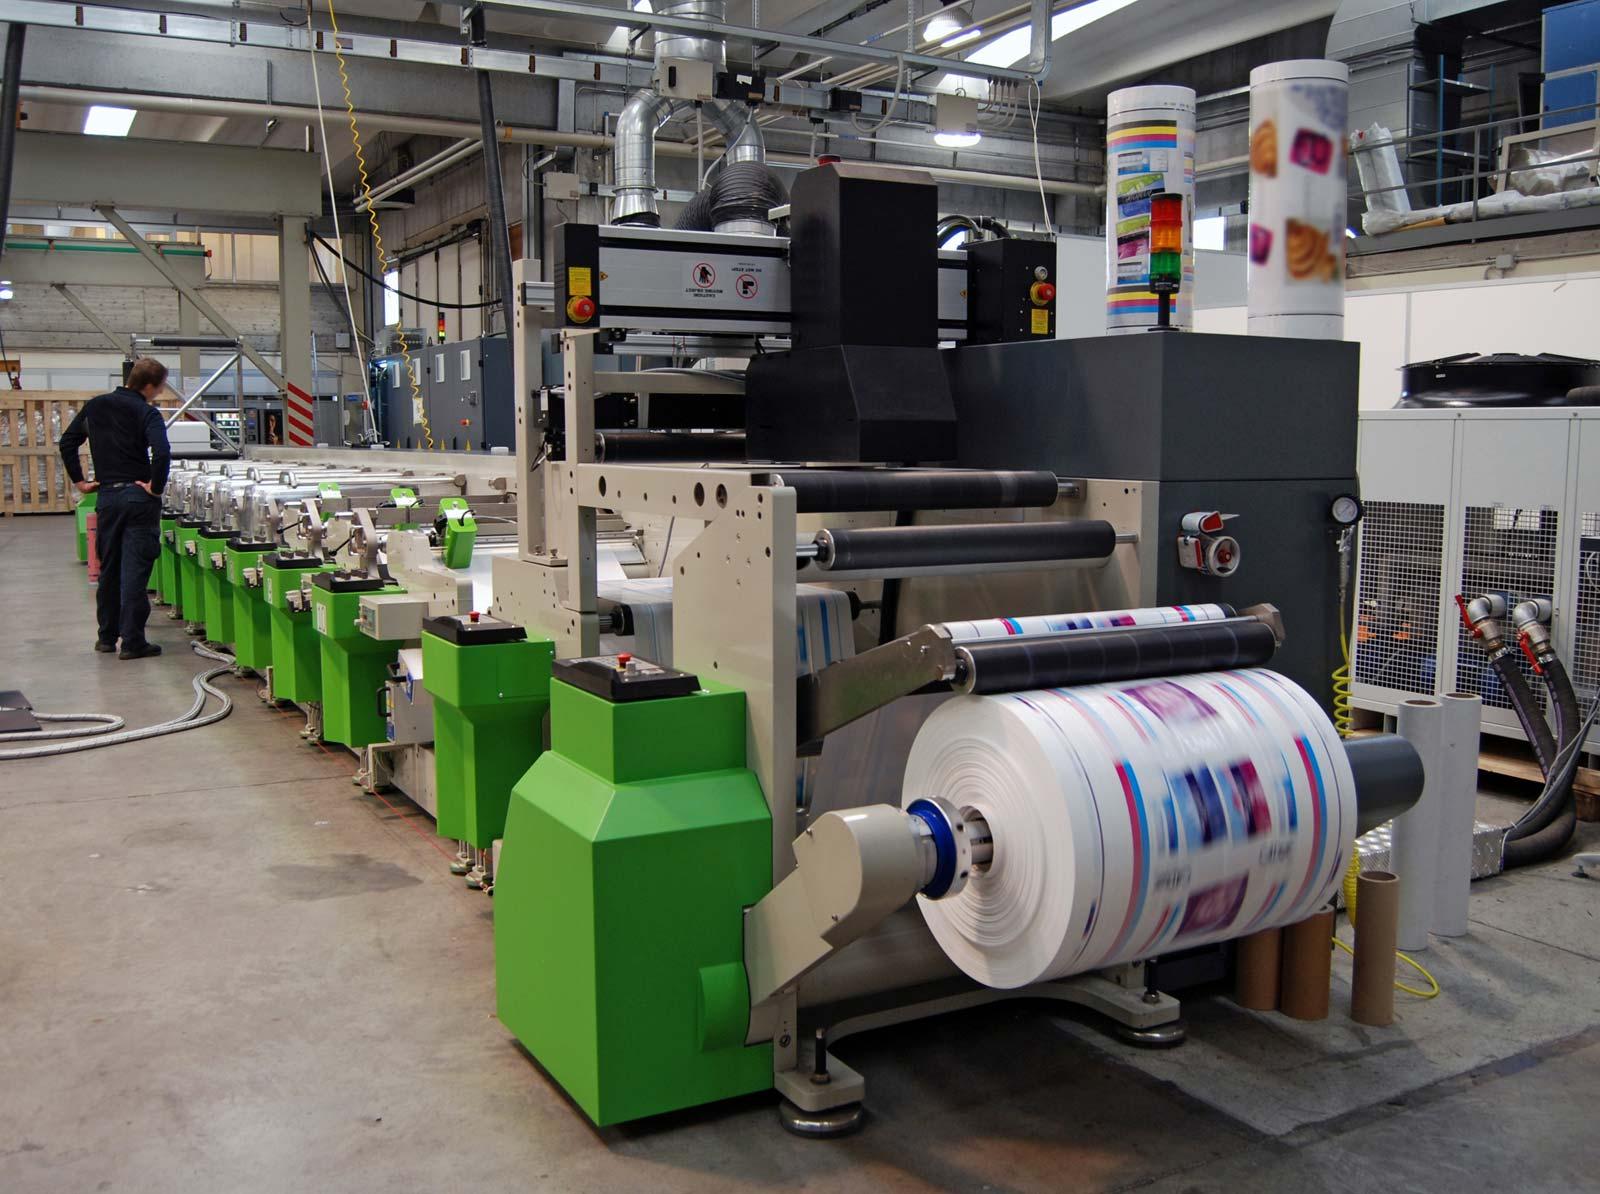 چگونه می توان سرعت چاپخانه خود را افزایش داد ؟